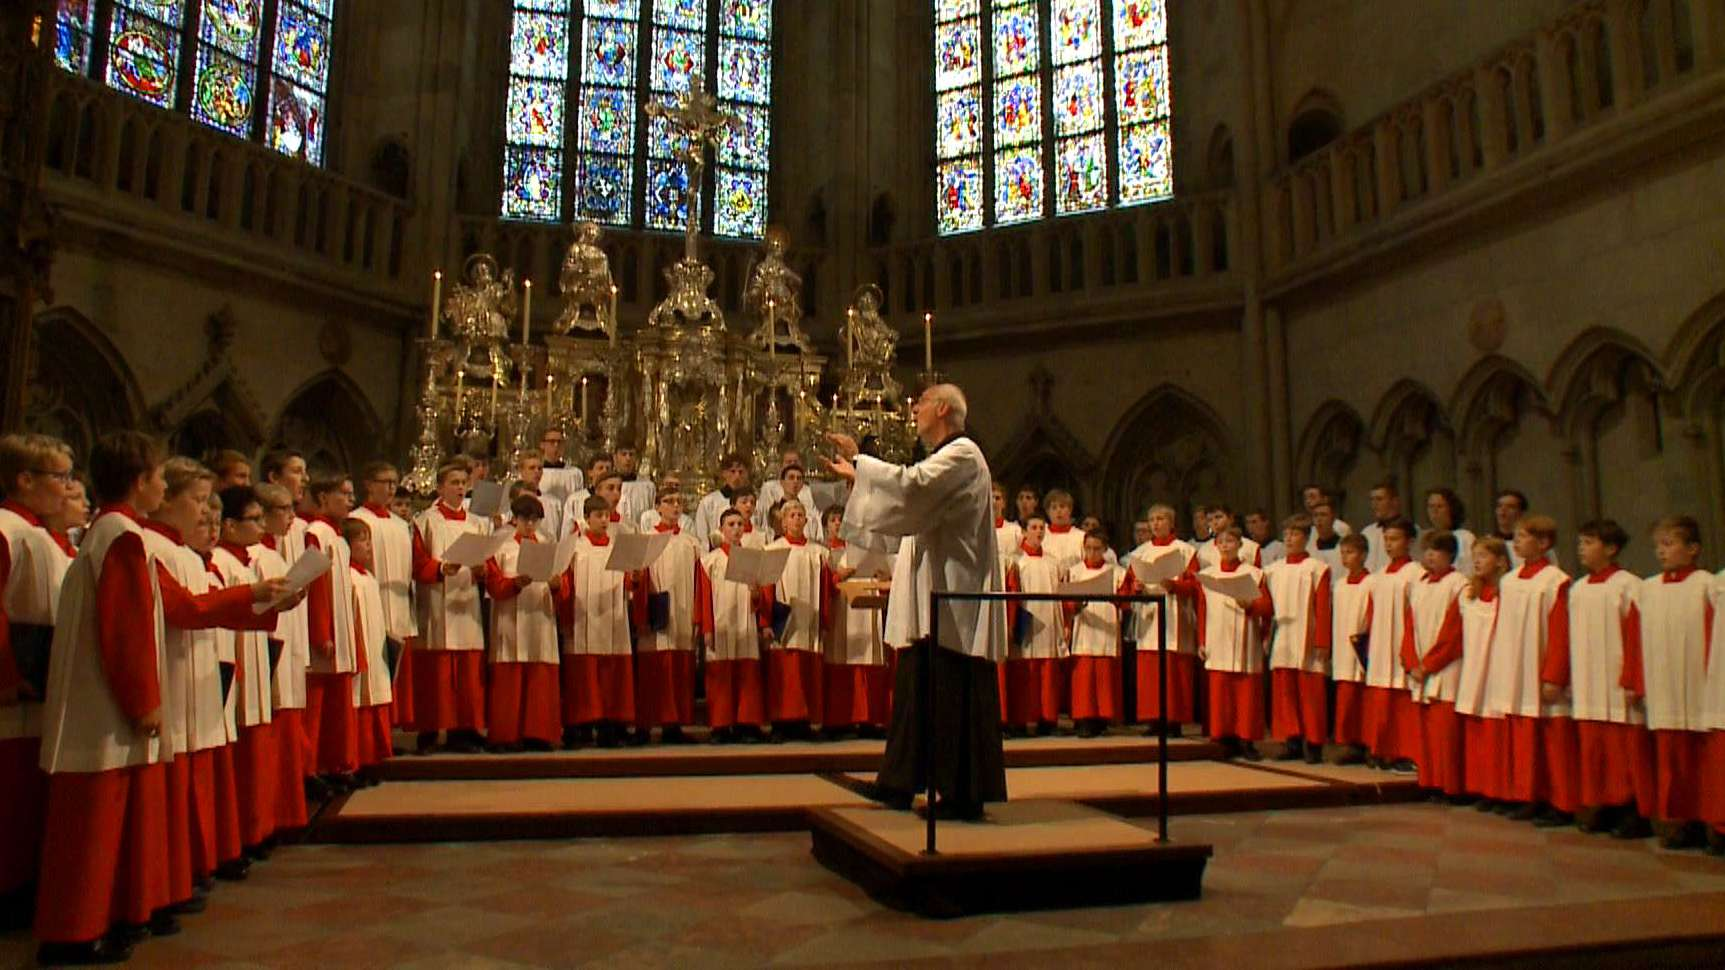 Die Regensburger Domspatzen sind traditionell ein Knabenchor